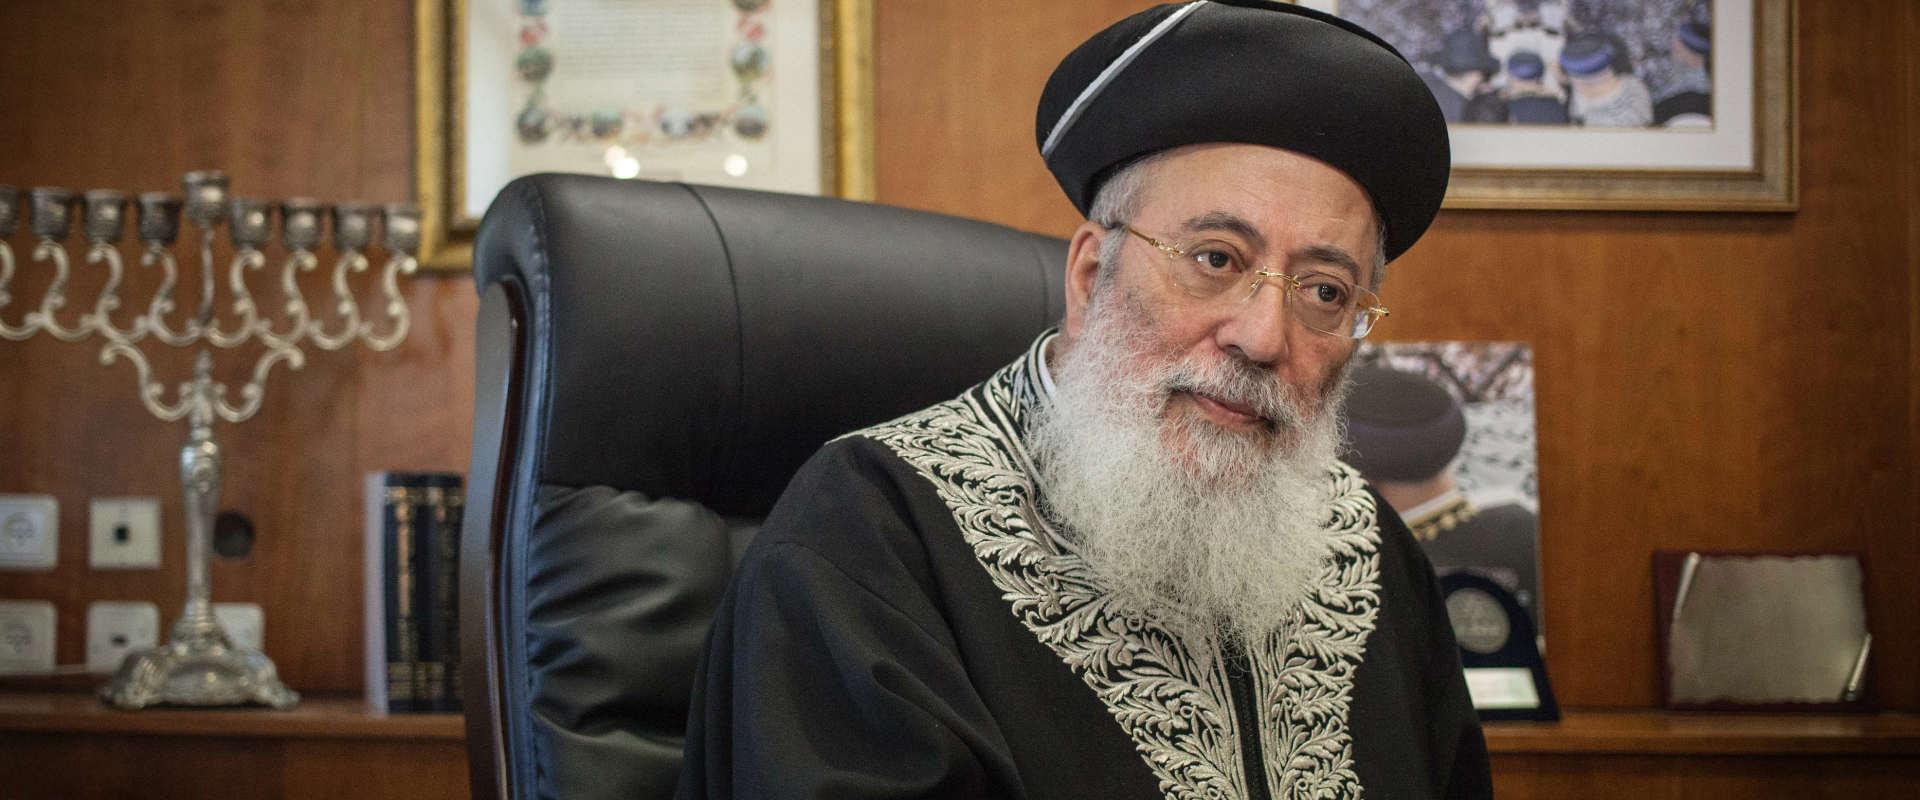 הרב שלמה עמאר, ב-2013